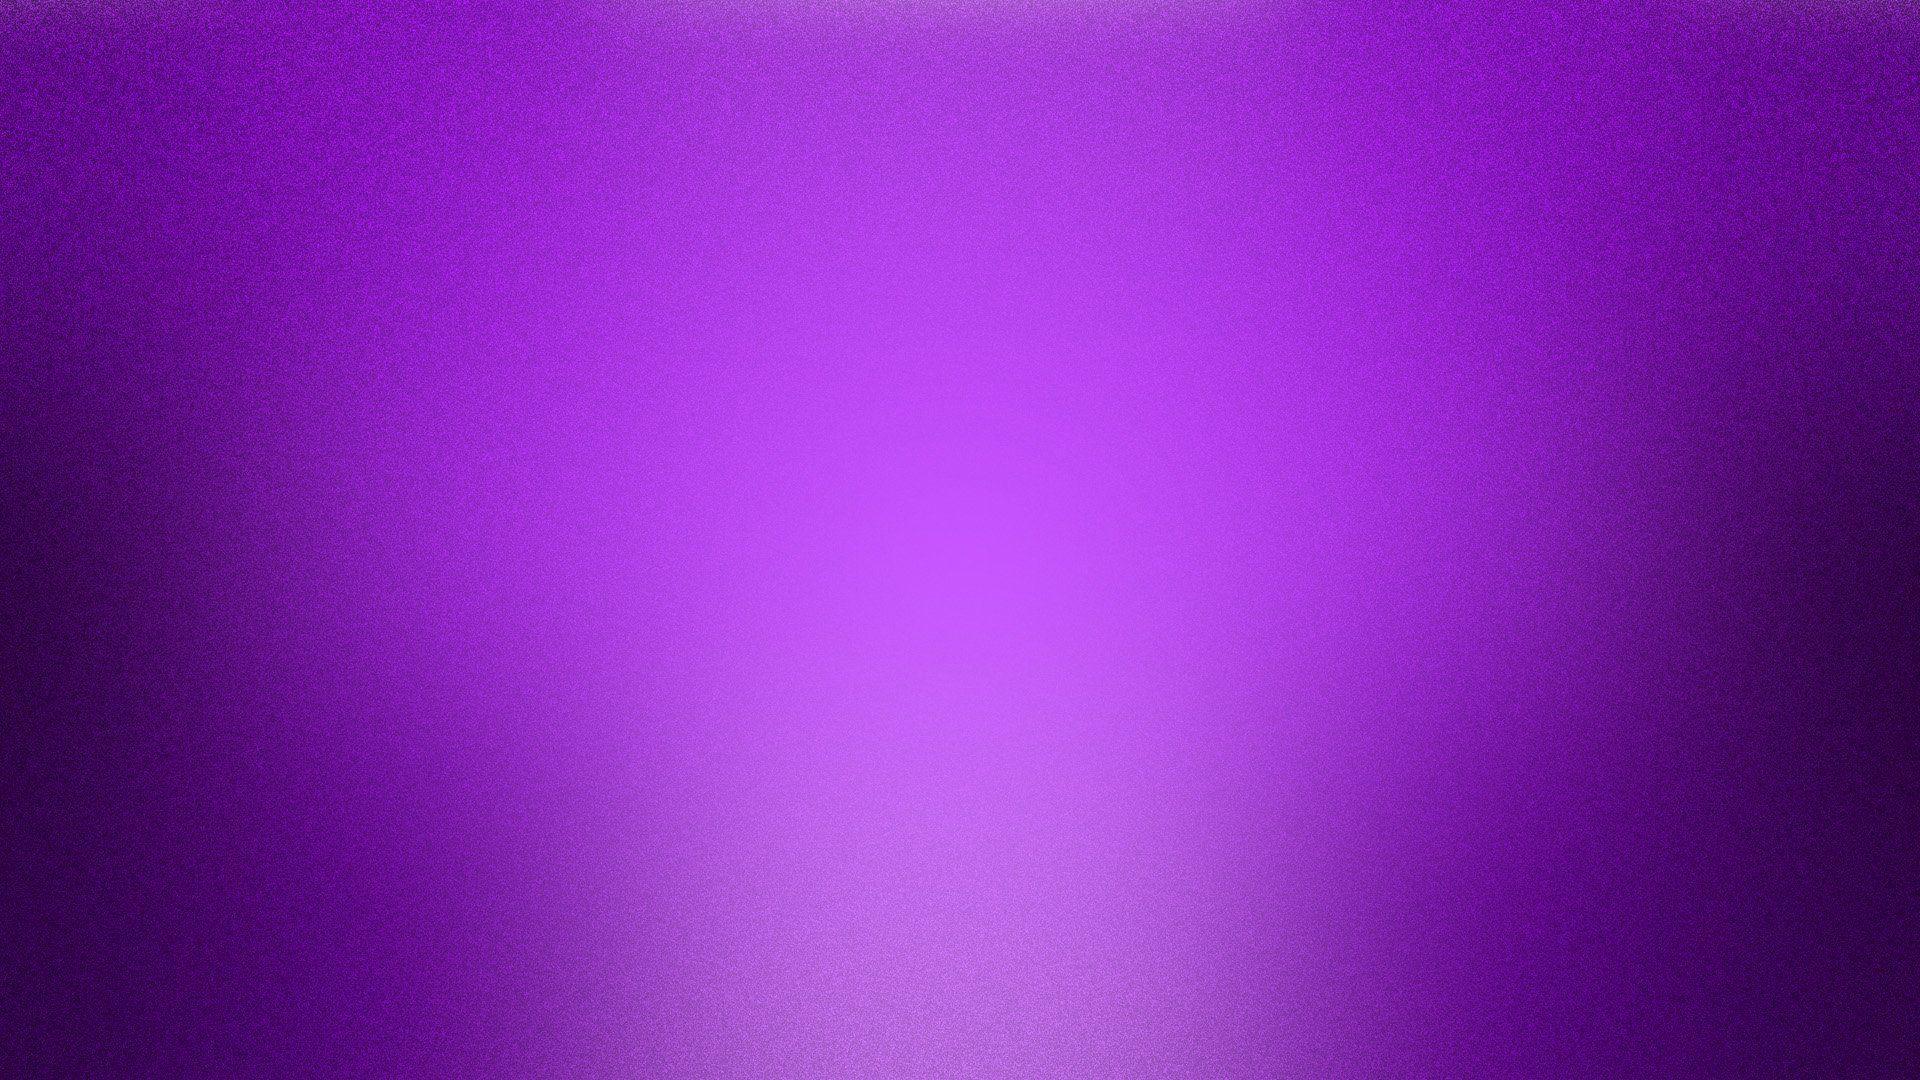 Plain Purple Backgrounds - Wallpaper Cave